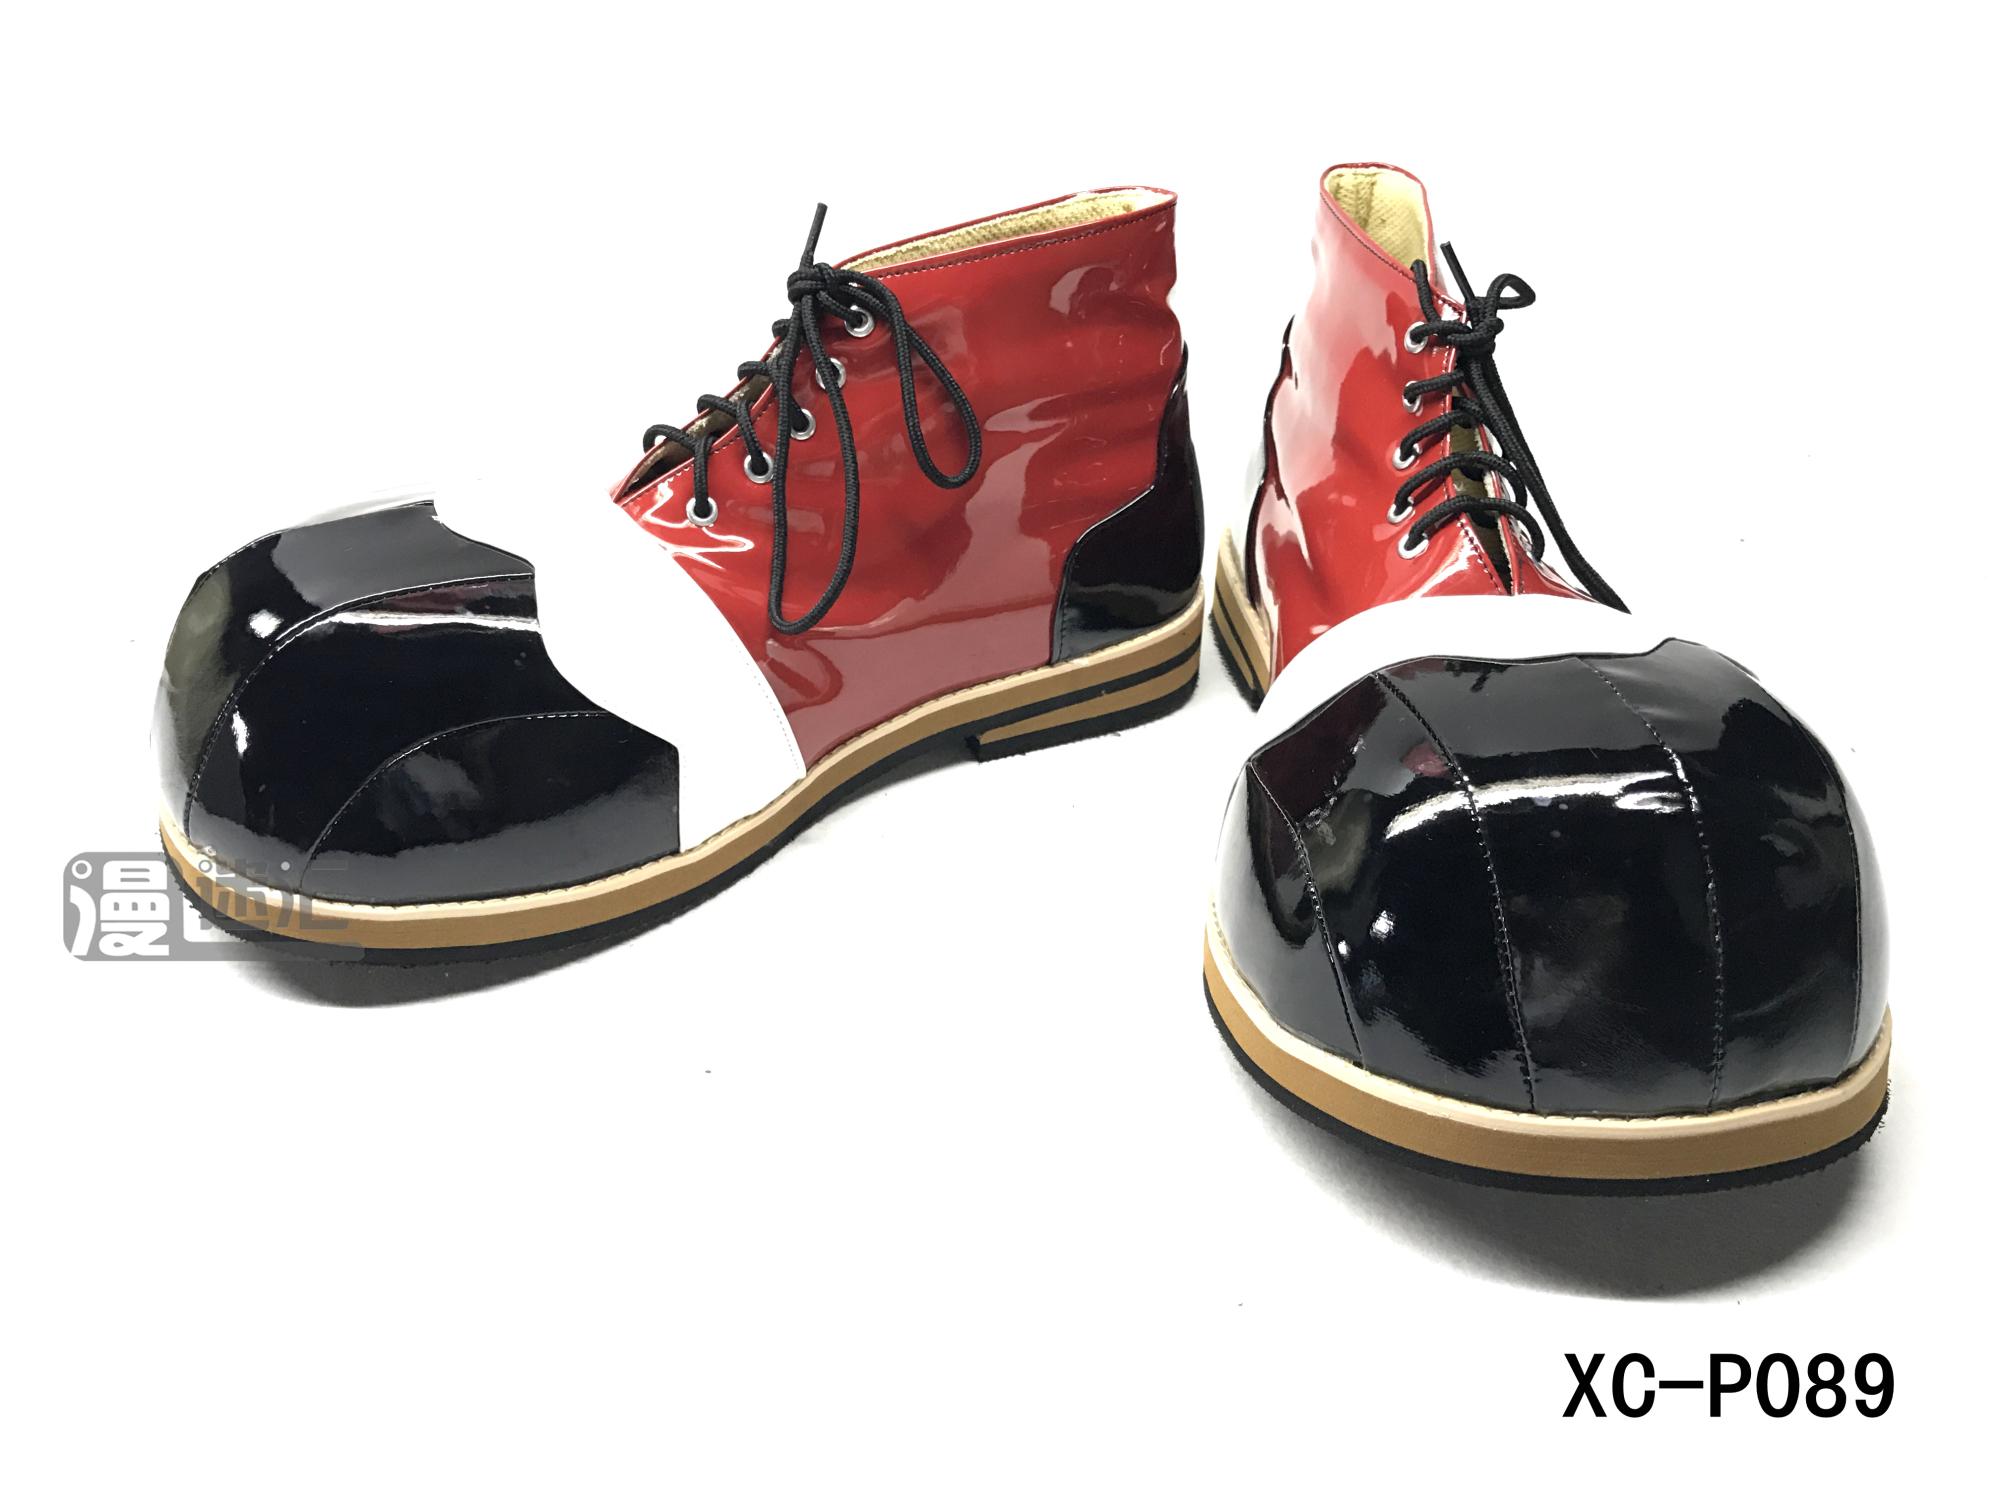 高端撞色大圆头系列小丑鞋 clown shoes小丑角色扮演鞋XC-P089